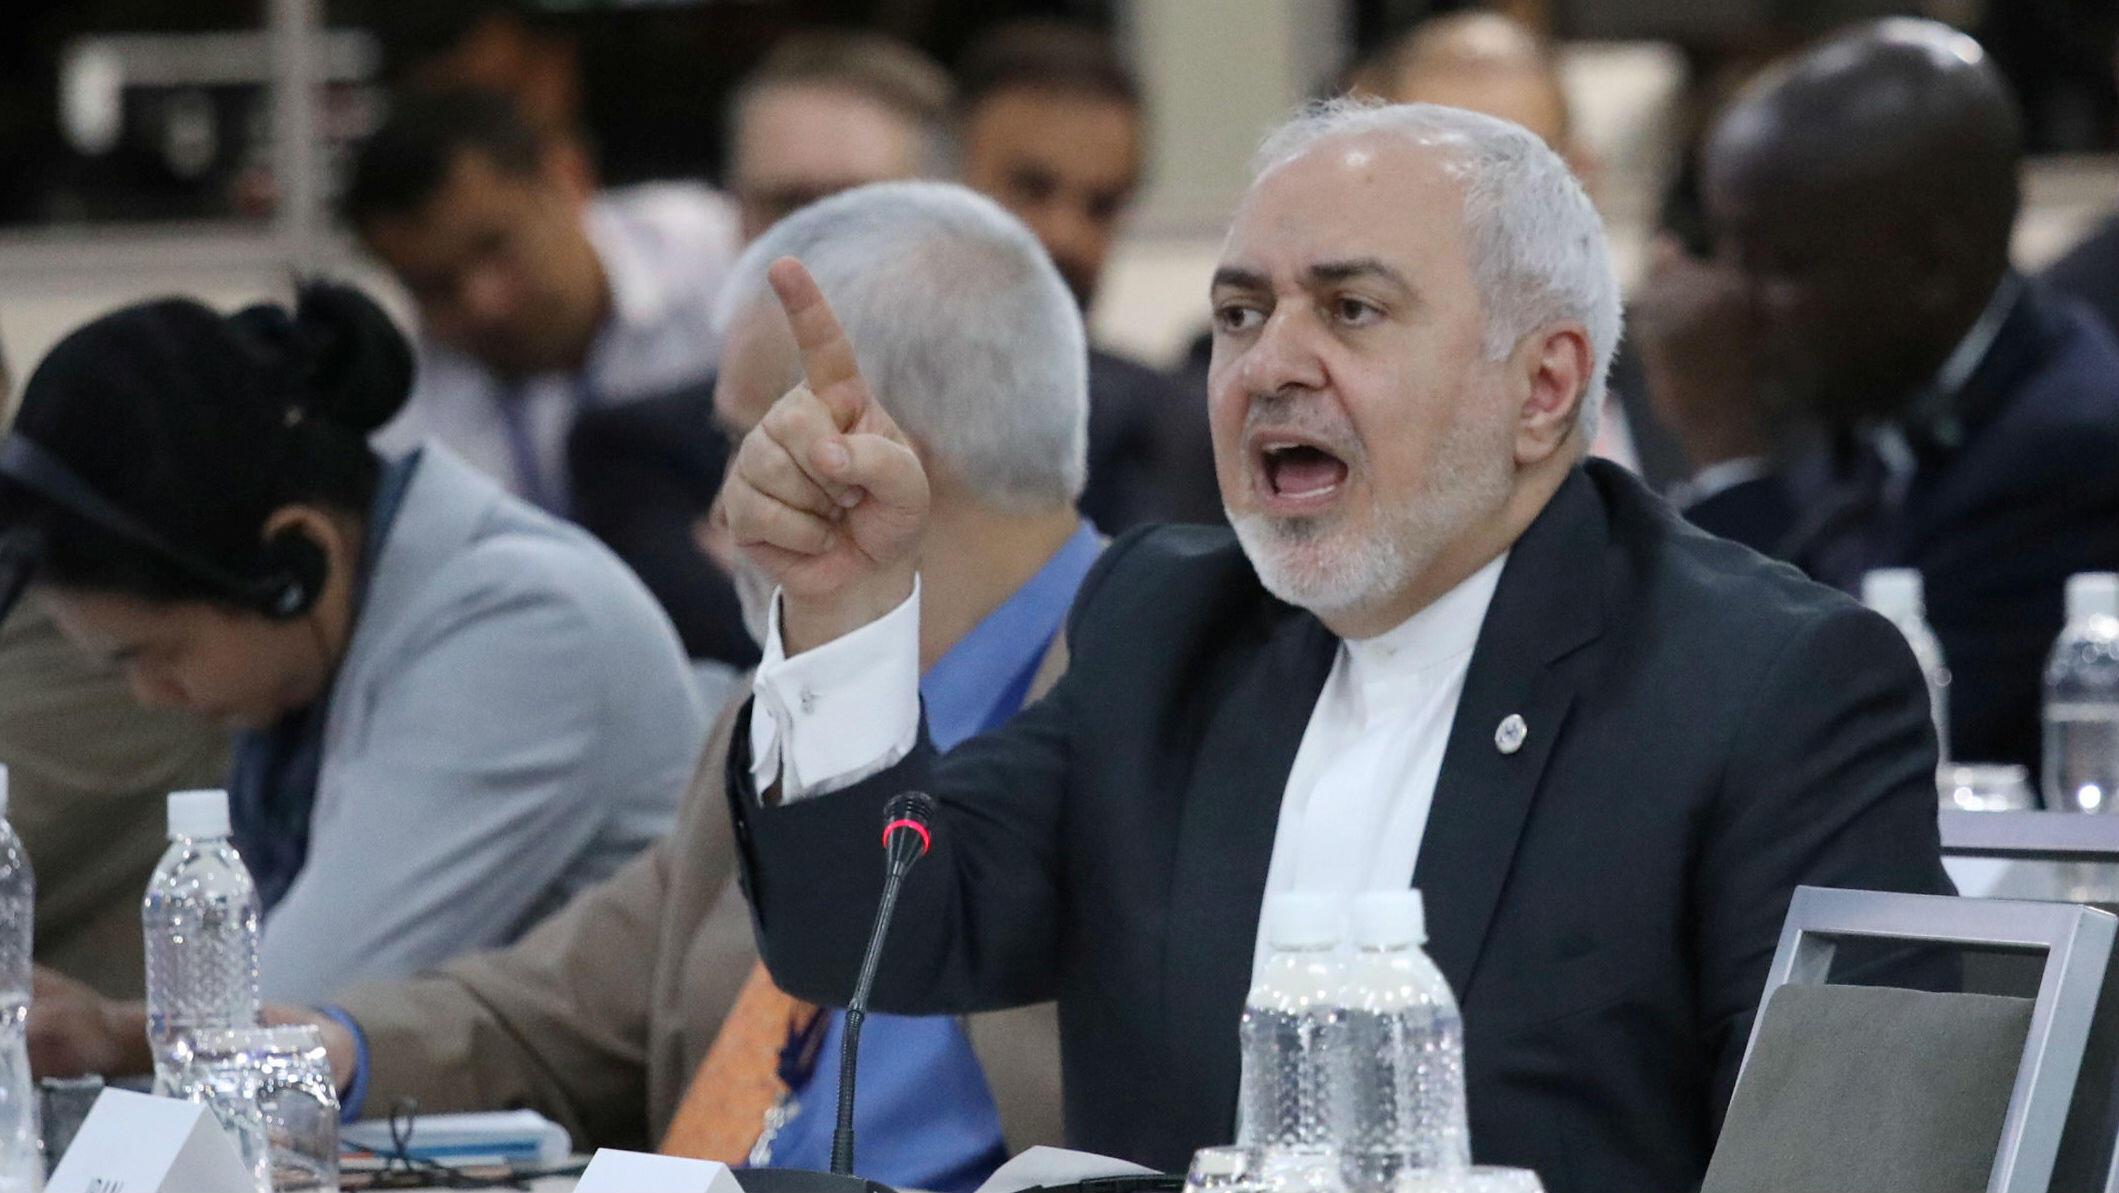 El Ministro de Relaciones Exteriores de Irán, Mohammad Javad Zarif a, habla durante la Reunión Ministerial del Buró de Coordinación del Movimiento de Países No Alineados (NAM) en Caracas, Venezuela, 21 de julio de 2019.